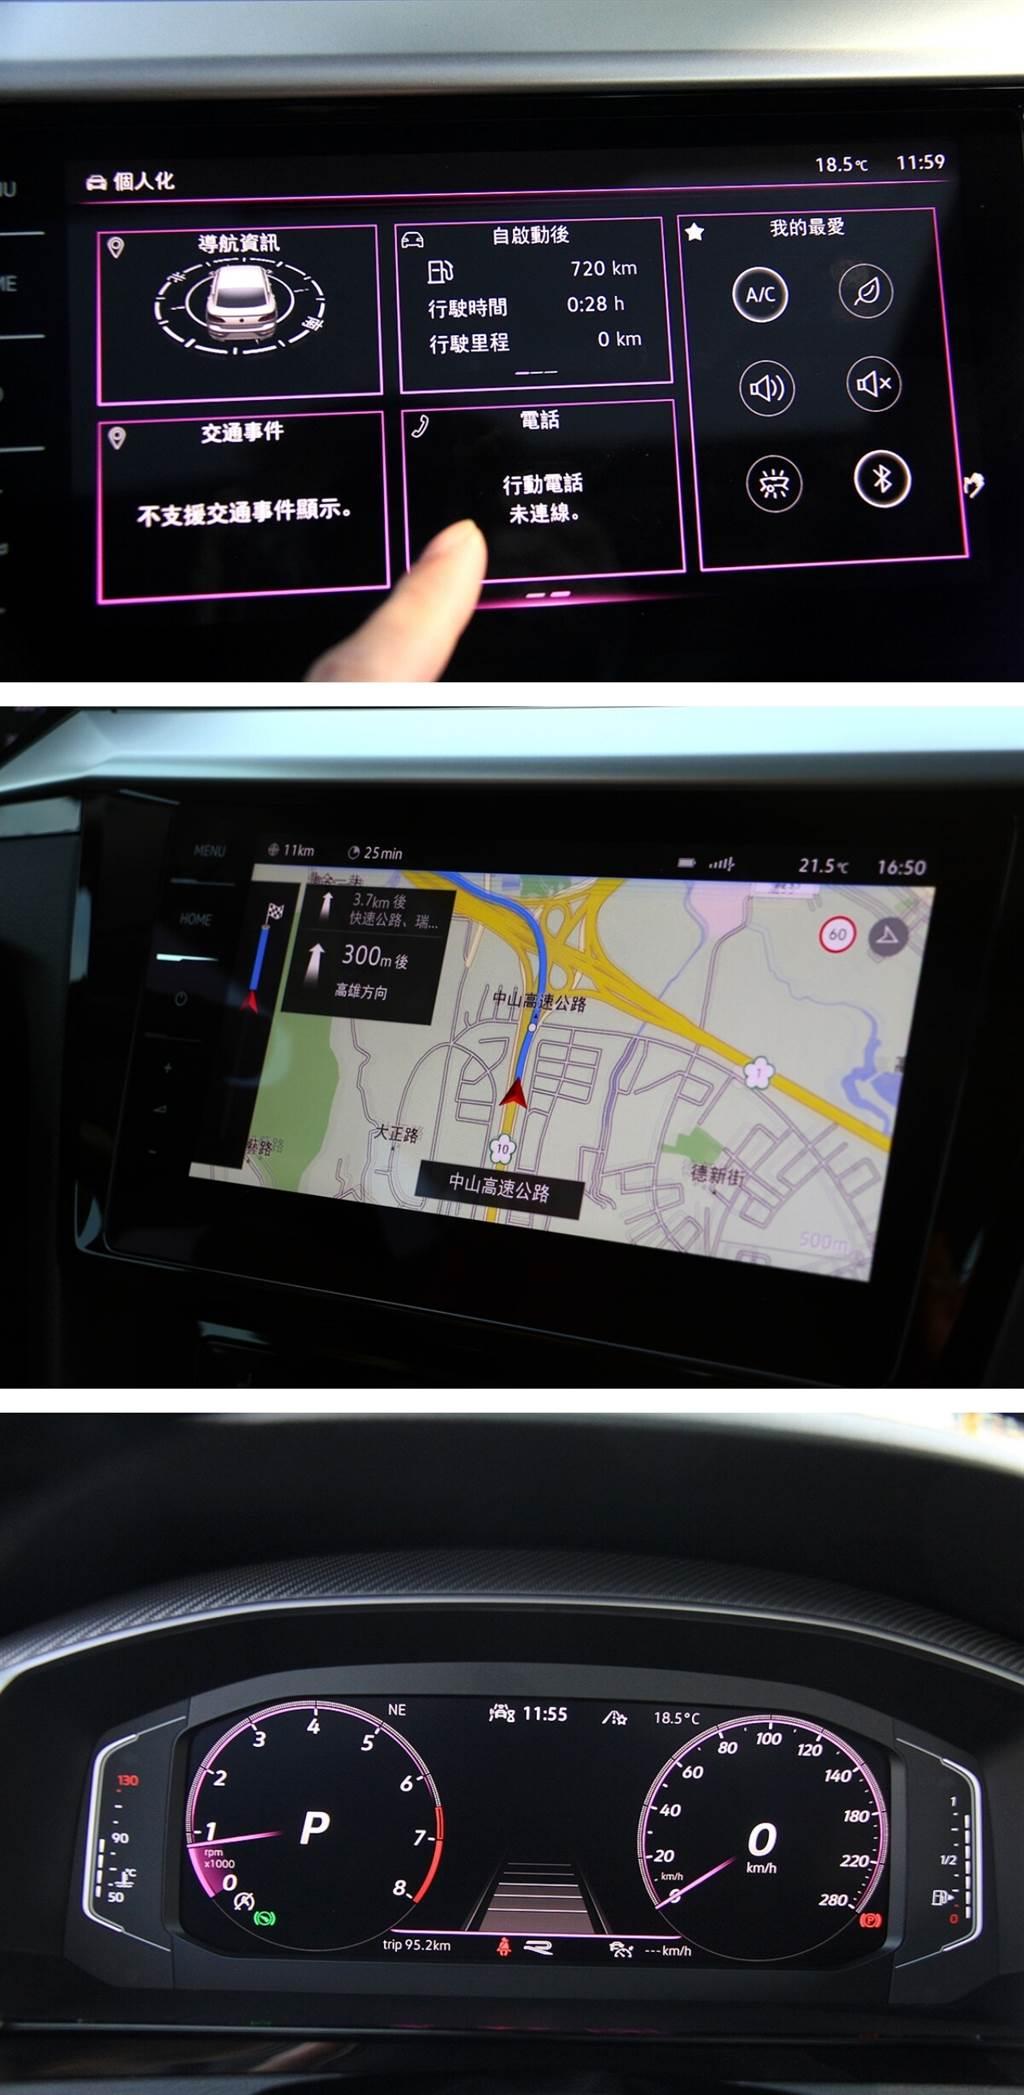 10.25吋數位駕駛儀錶可提供三種模式,並且可將導航地圖全版面放大,或者將ACC設定介面放大於此…等數種按需切換的多功能顯示。而330 TSI R-Line車型標配完整的IQ.DRIVE駕駛輔助系統,所具備的主要亮點功能:Travel Assist可在0~210 km/h的範圍內實現半自動駕駛(車道維持功能無自動居中)。